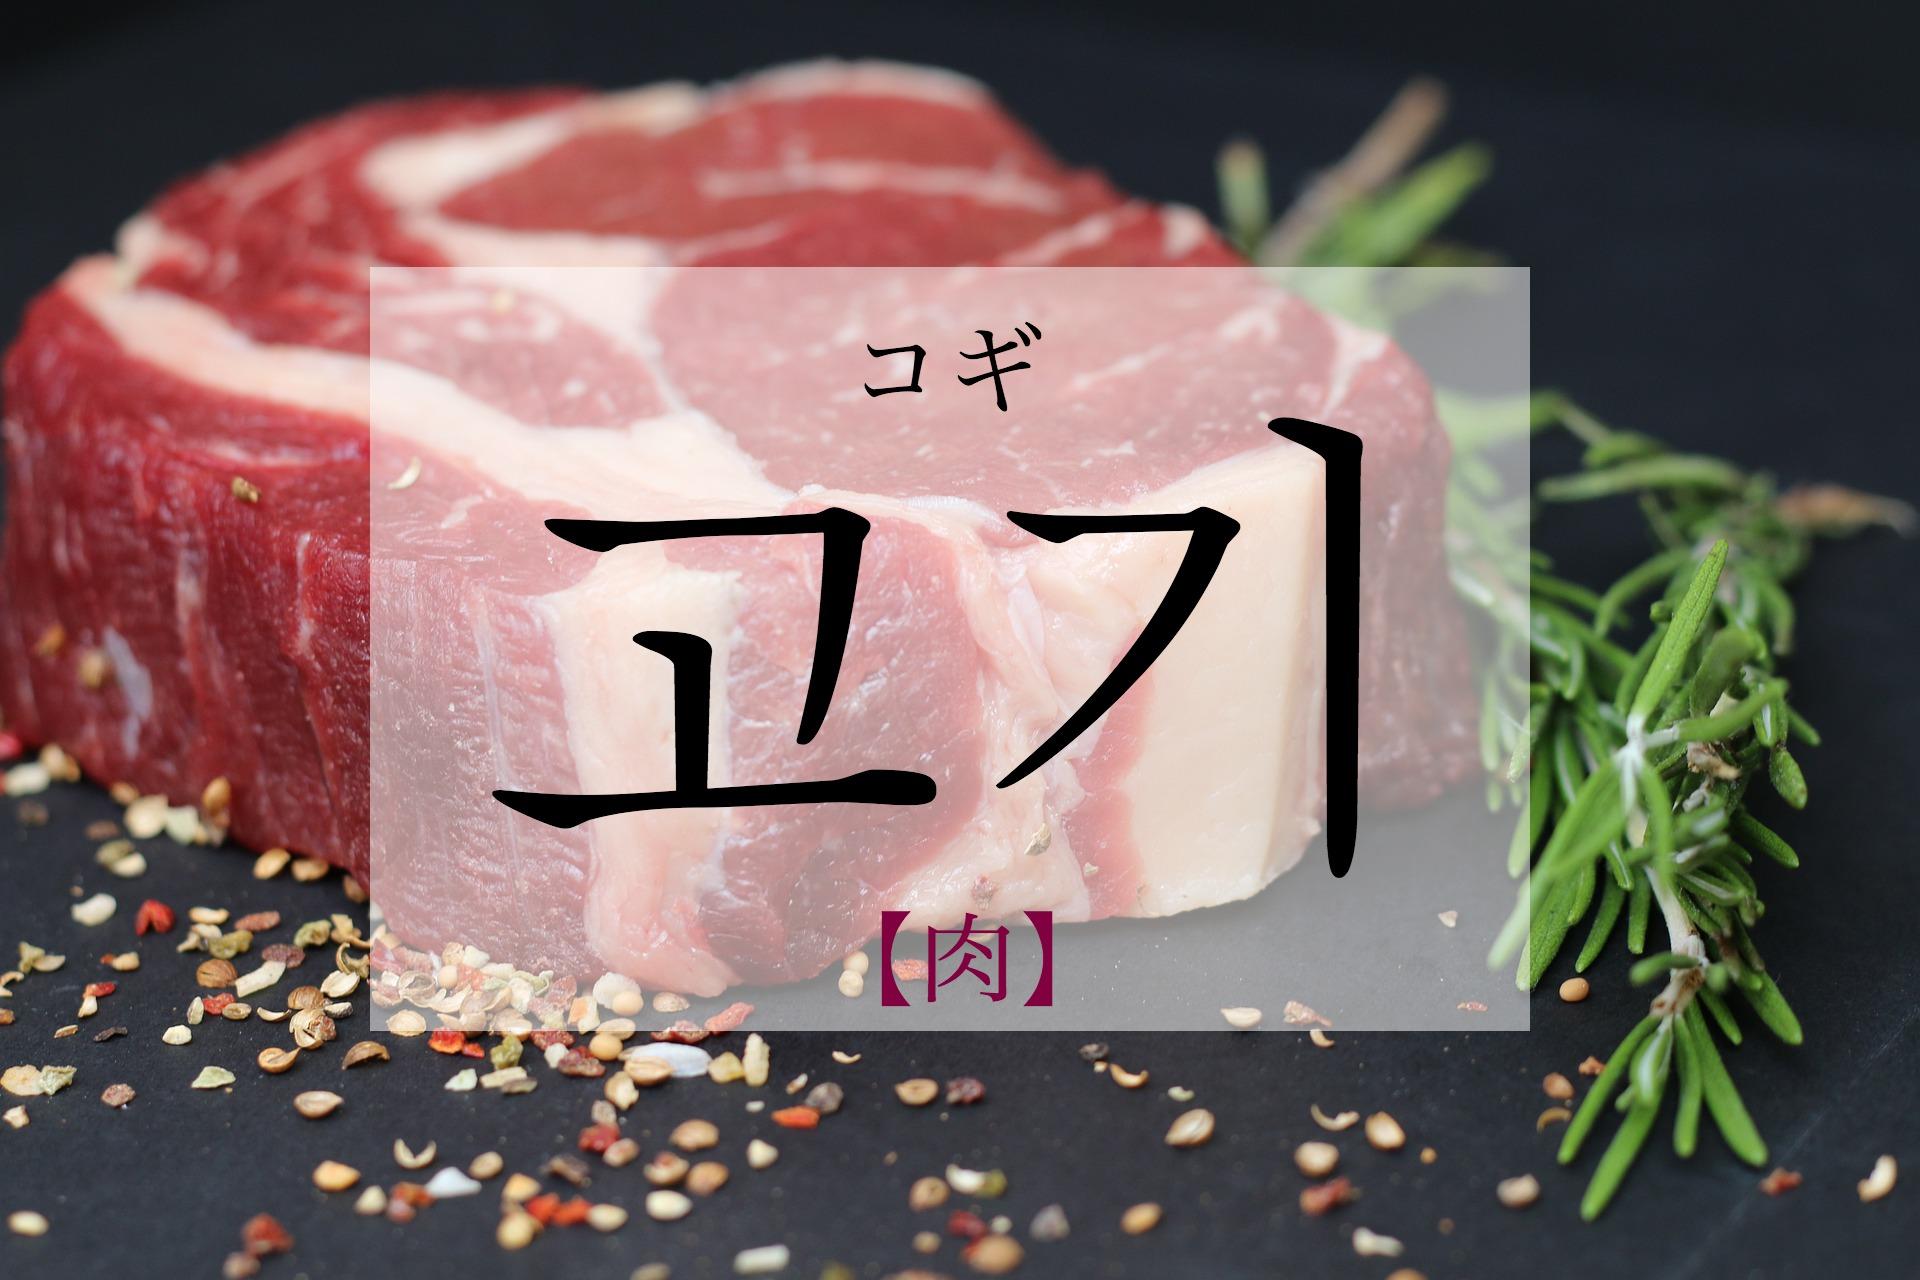 koreanword-meat